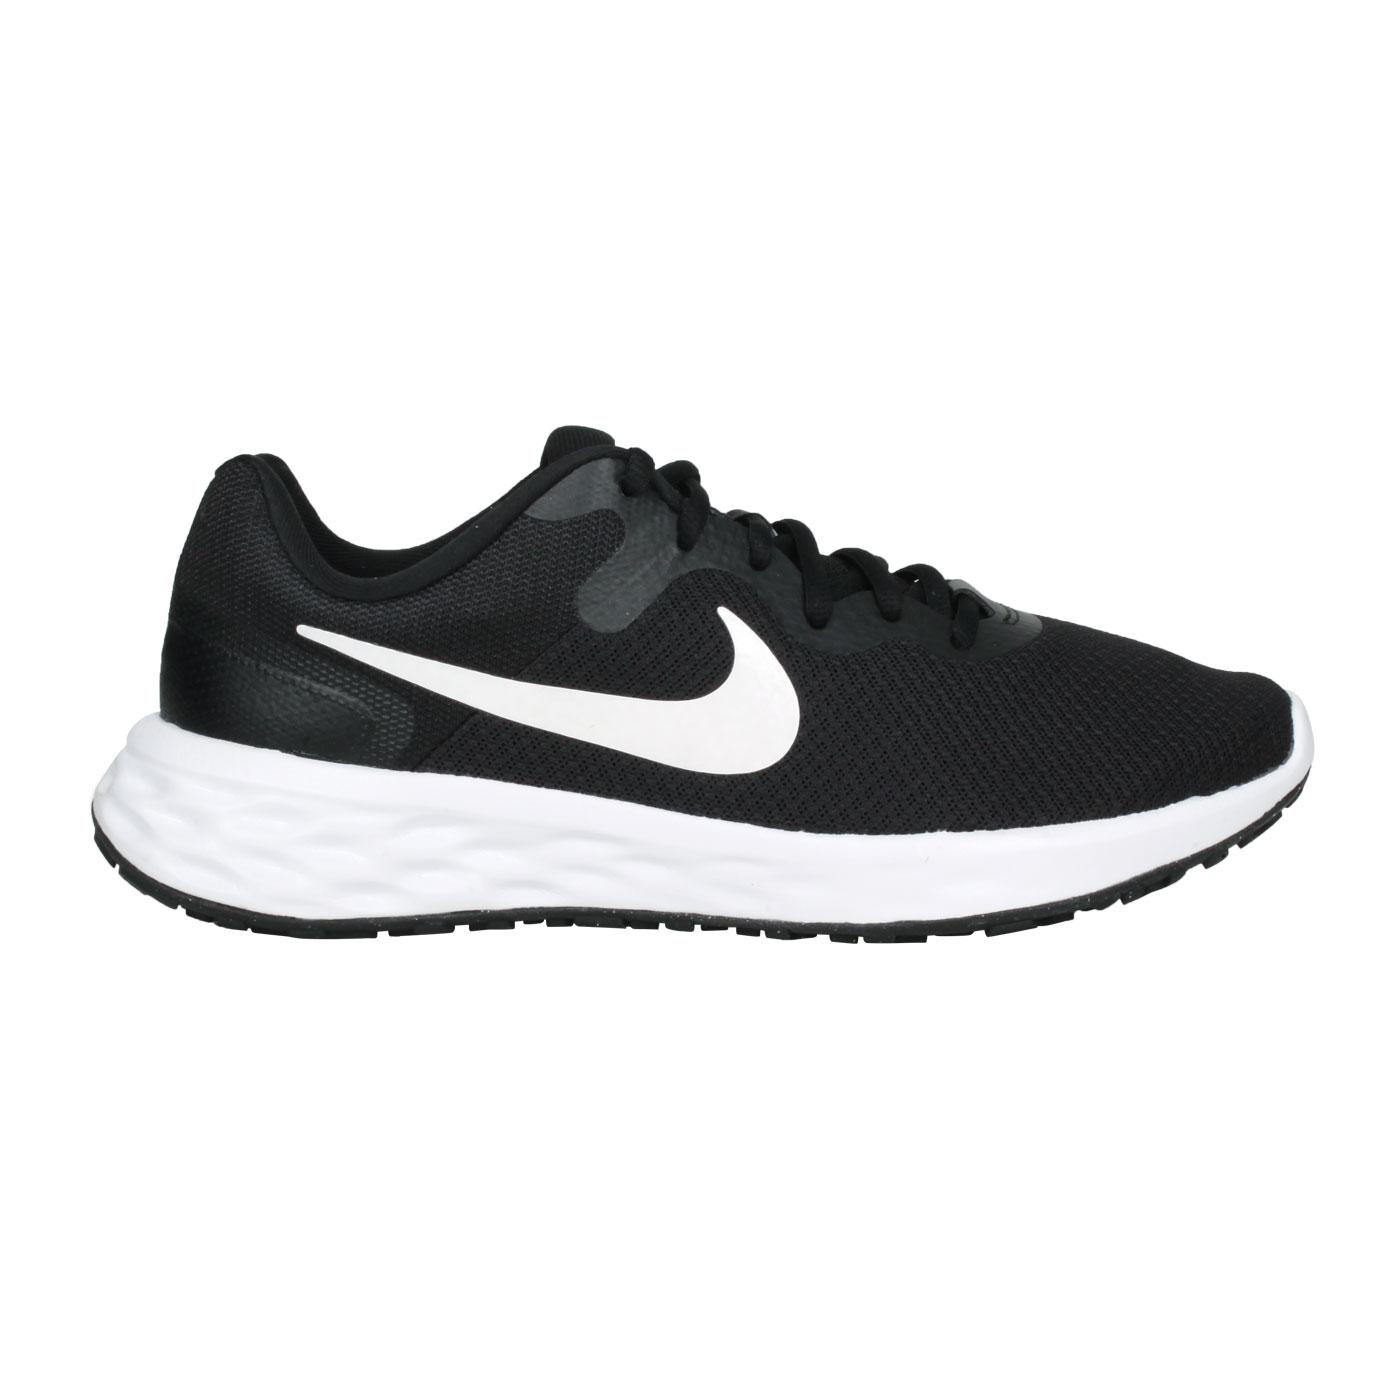 NIKE 男款慢跑鞋   @REVOLUTION 6 NN@DC3728-003 - 黑白